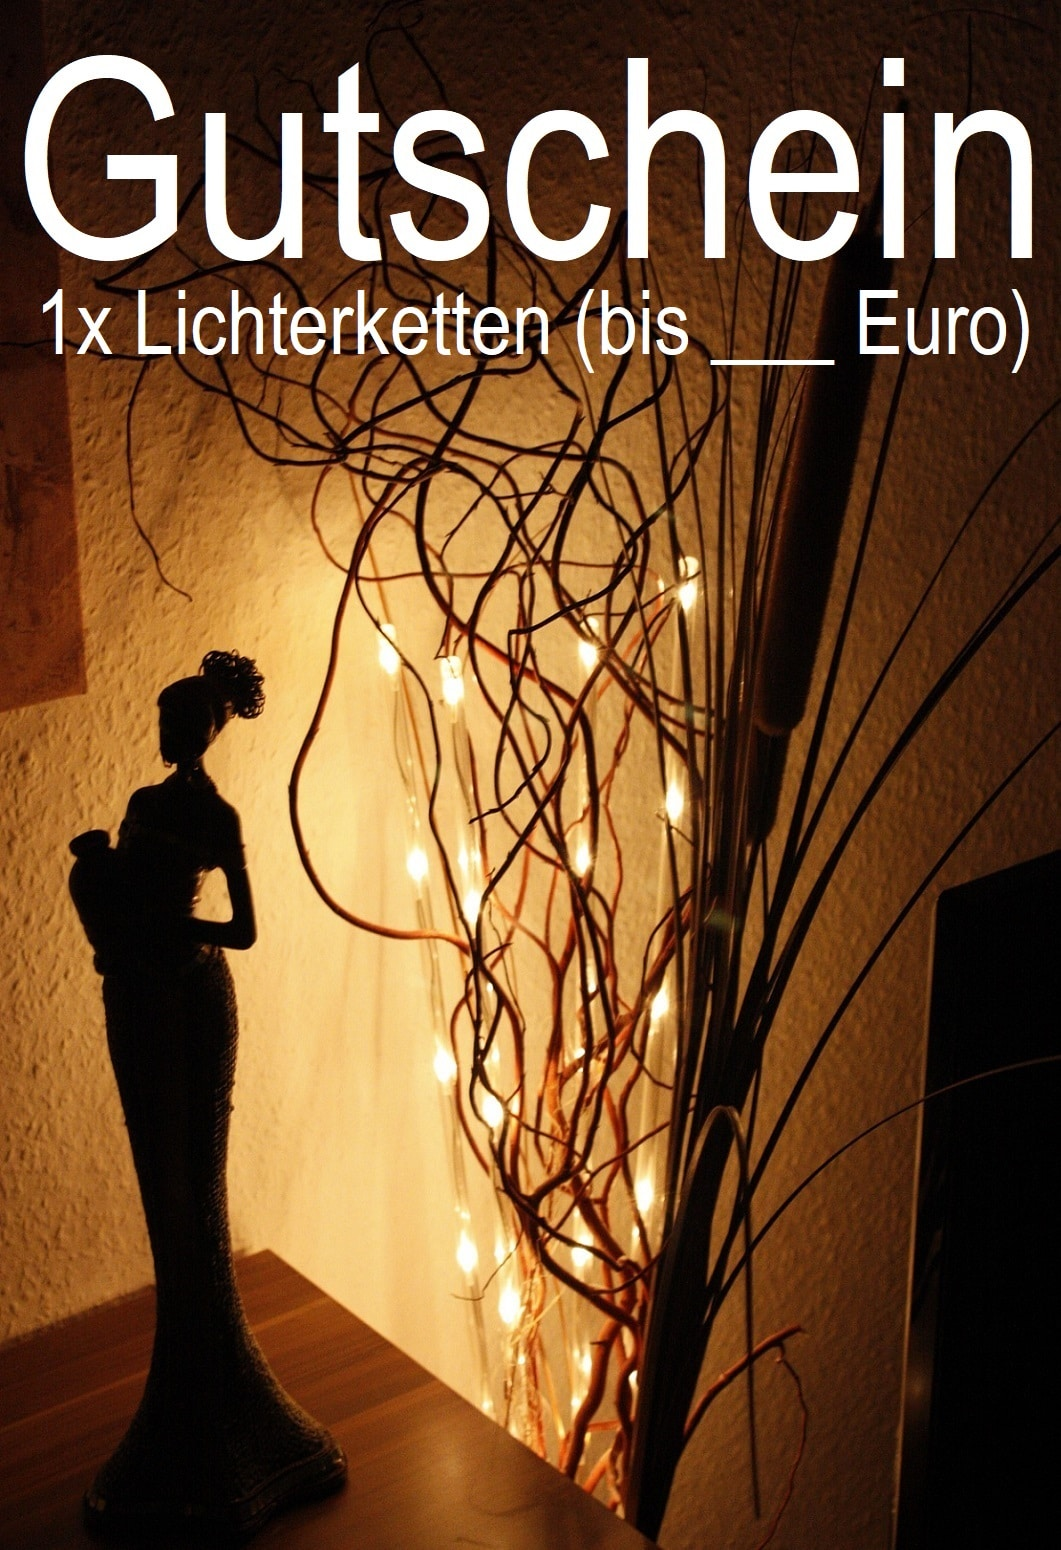 Gutscheinvorlage für Lichterketten